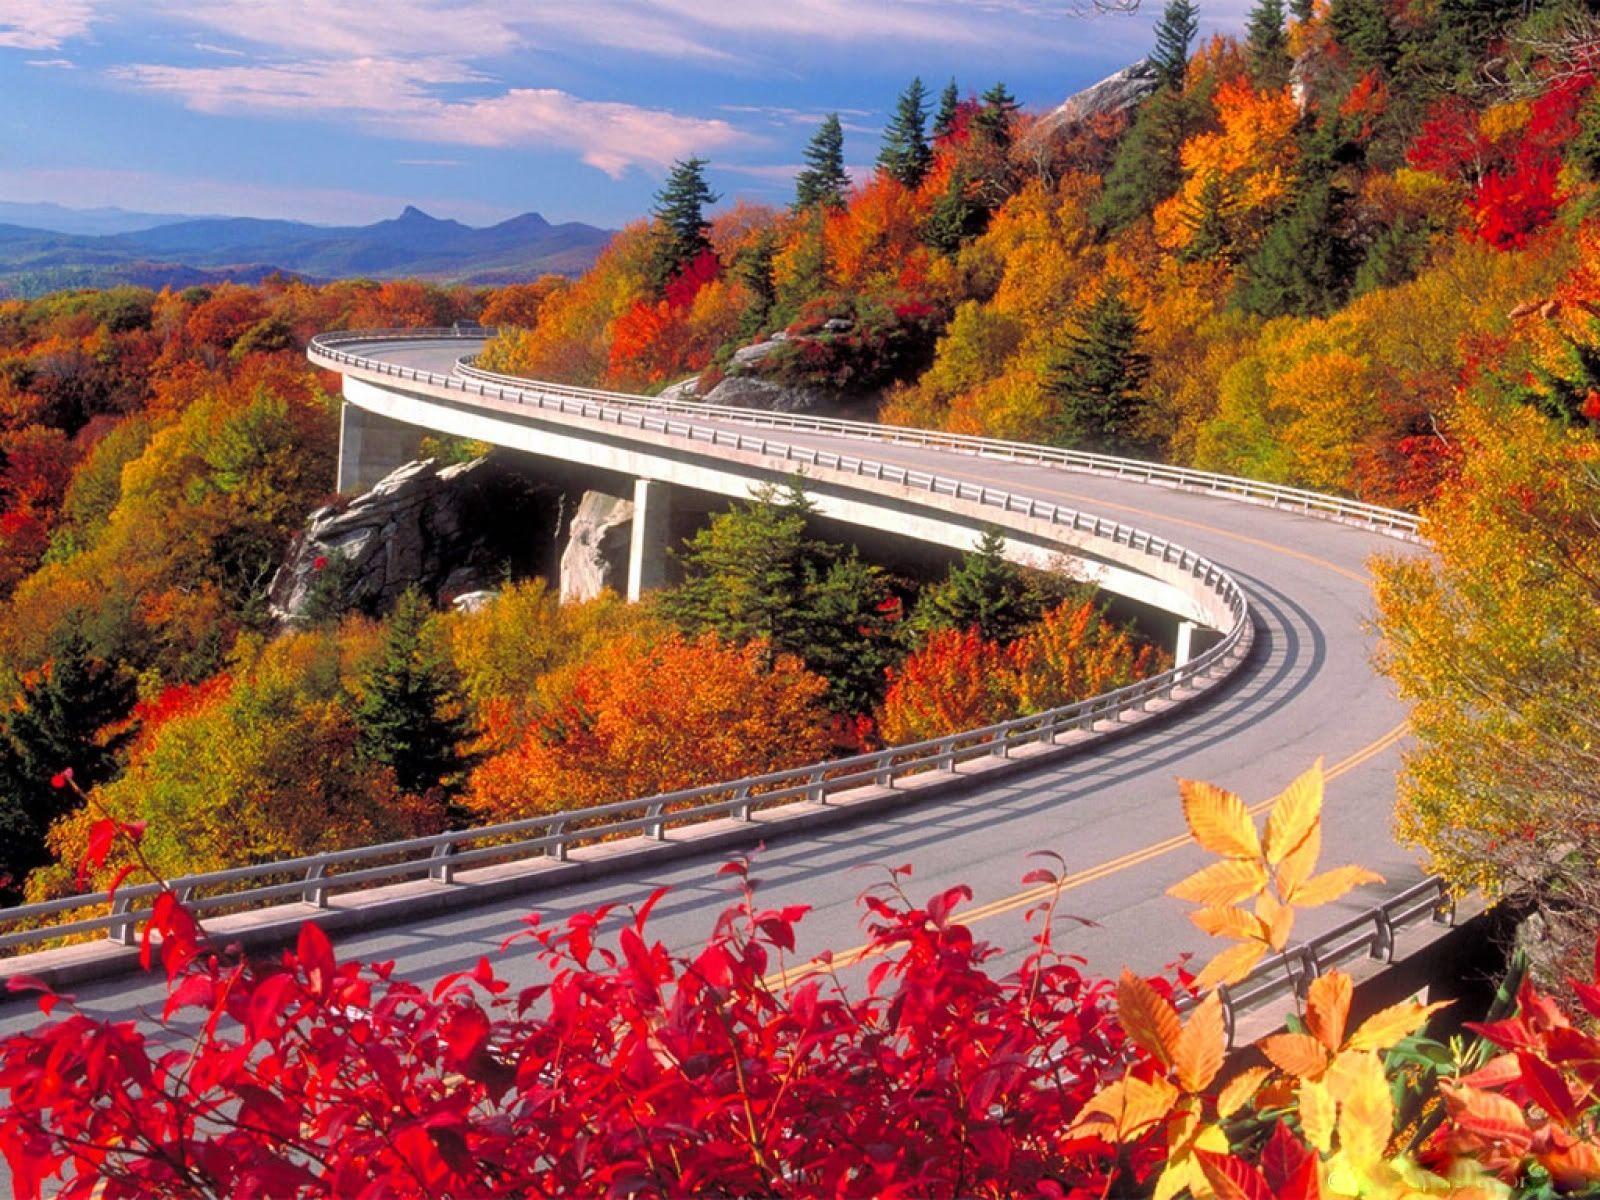 Fall Foliage Desktop Wallpaper Page 1